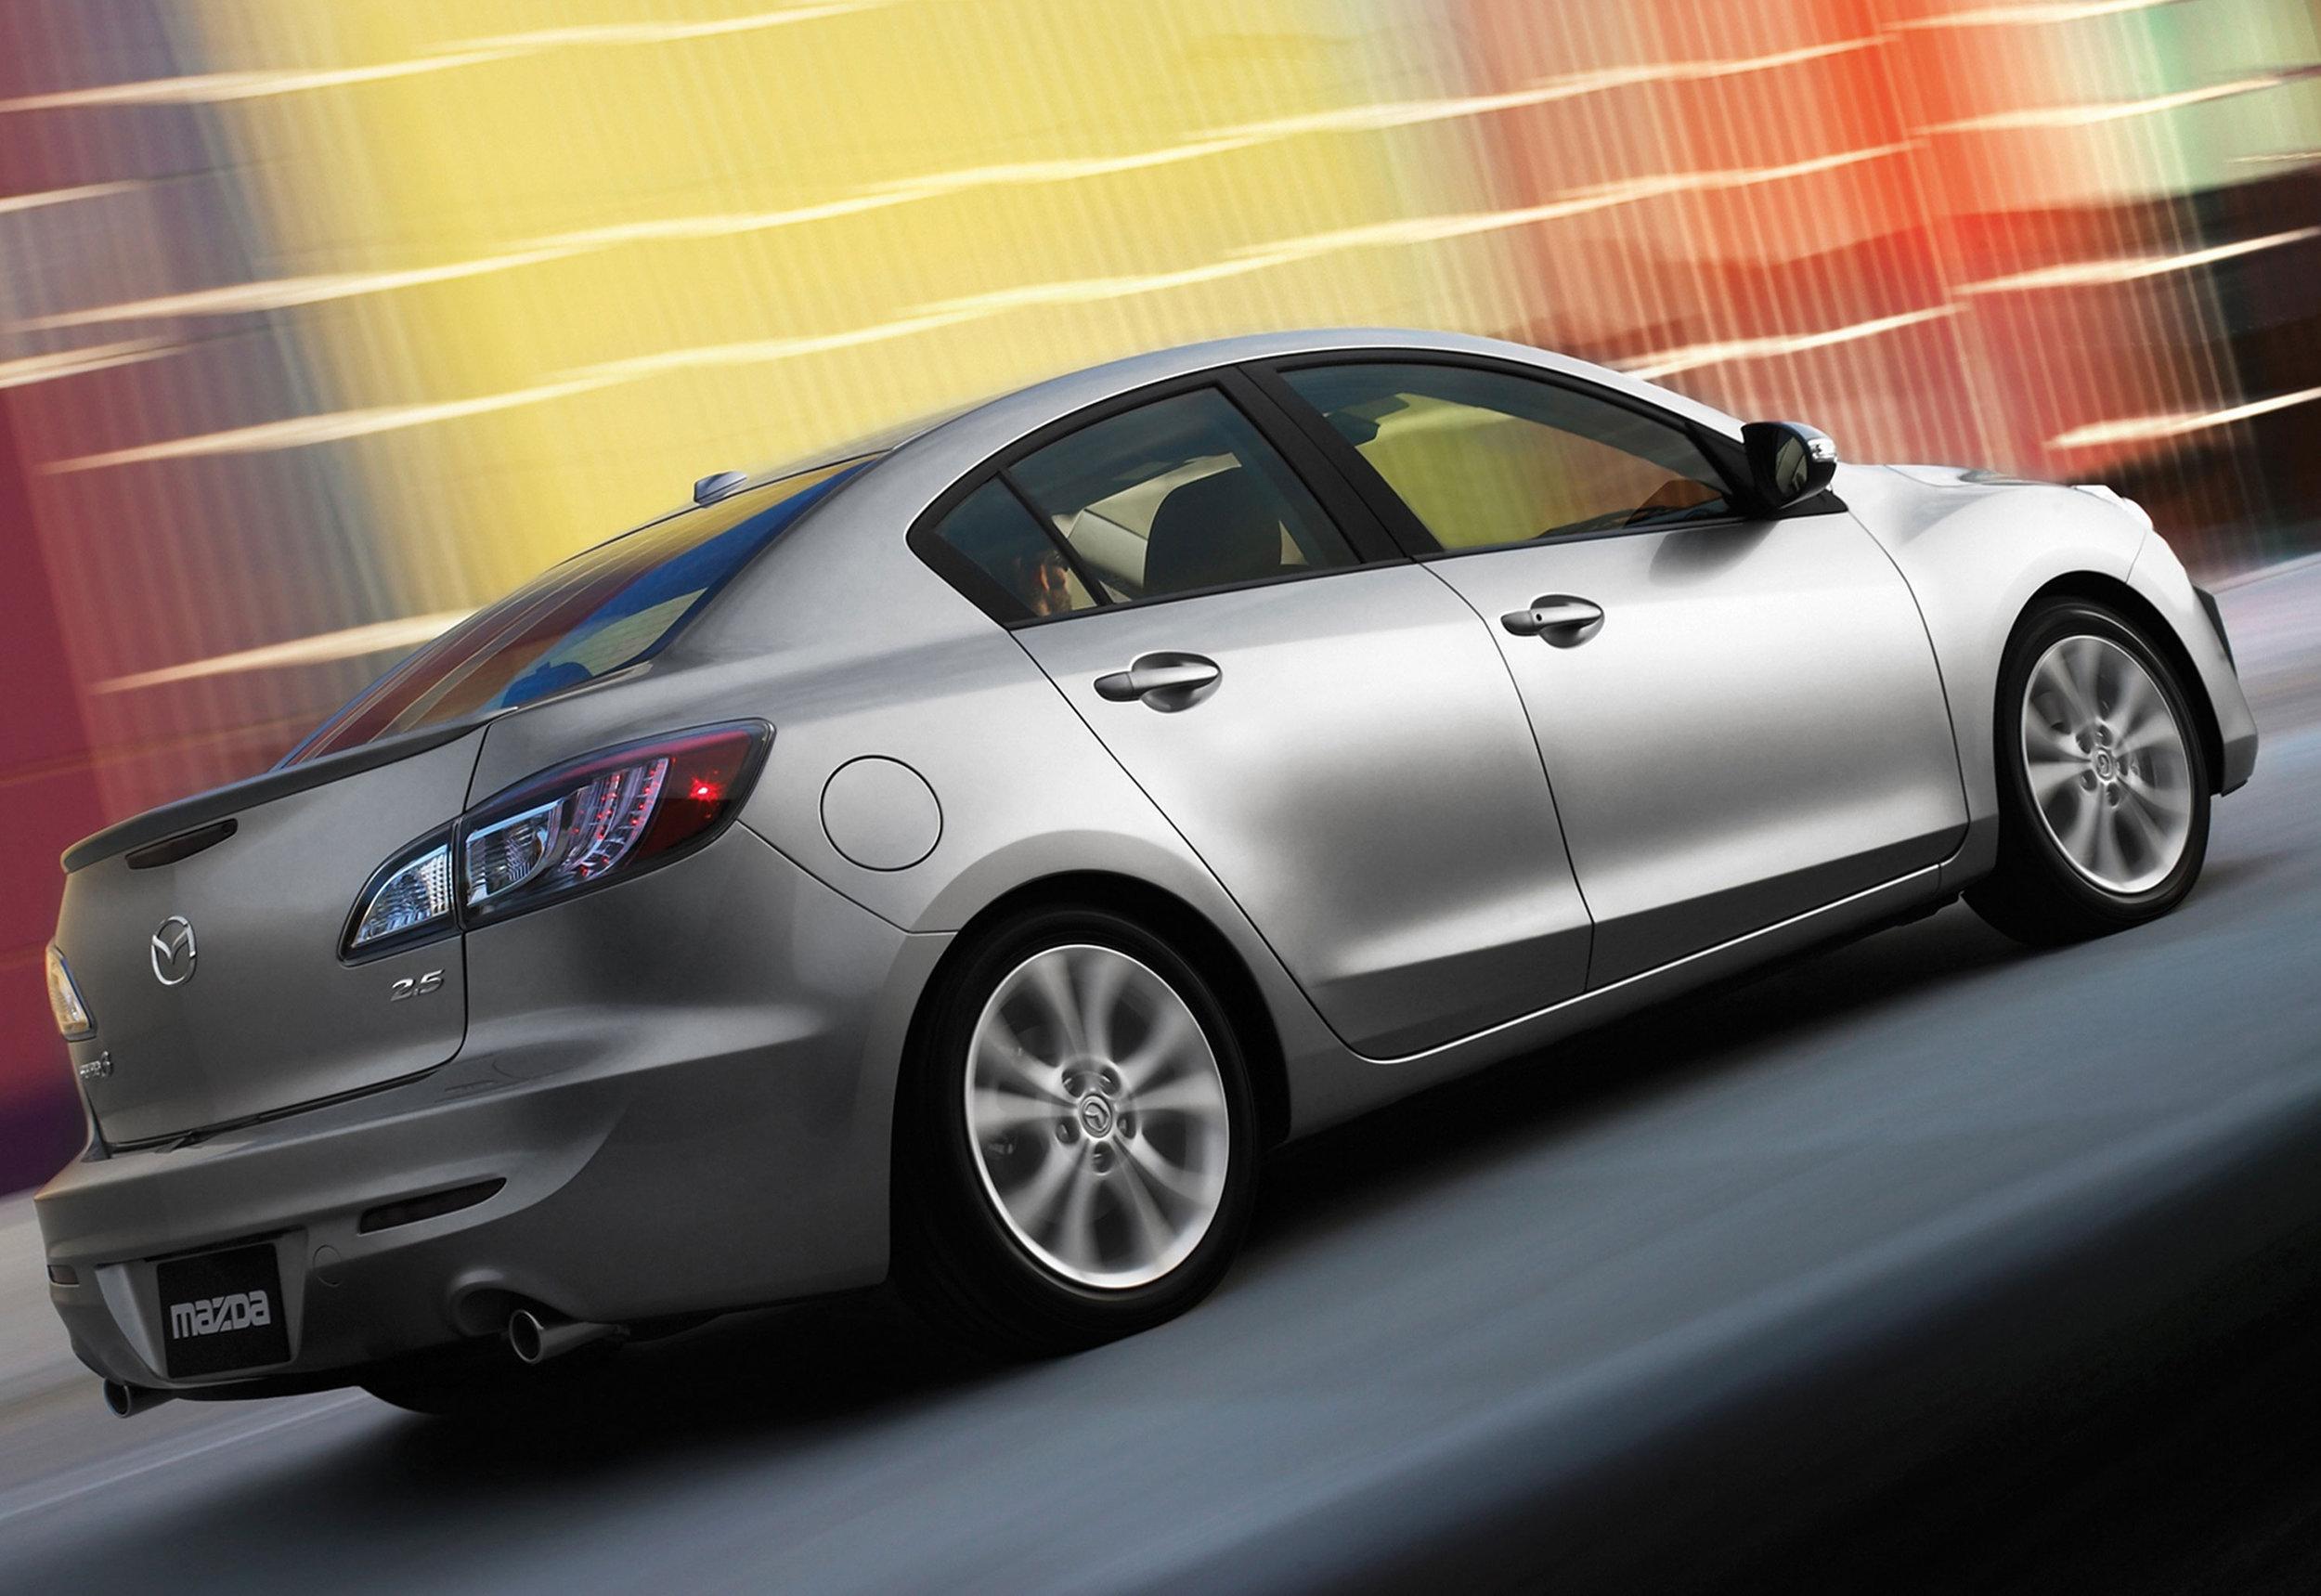 Mazda-3-Mk2-01.jpg